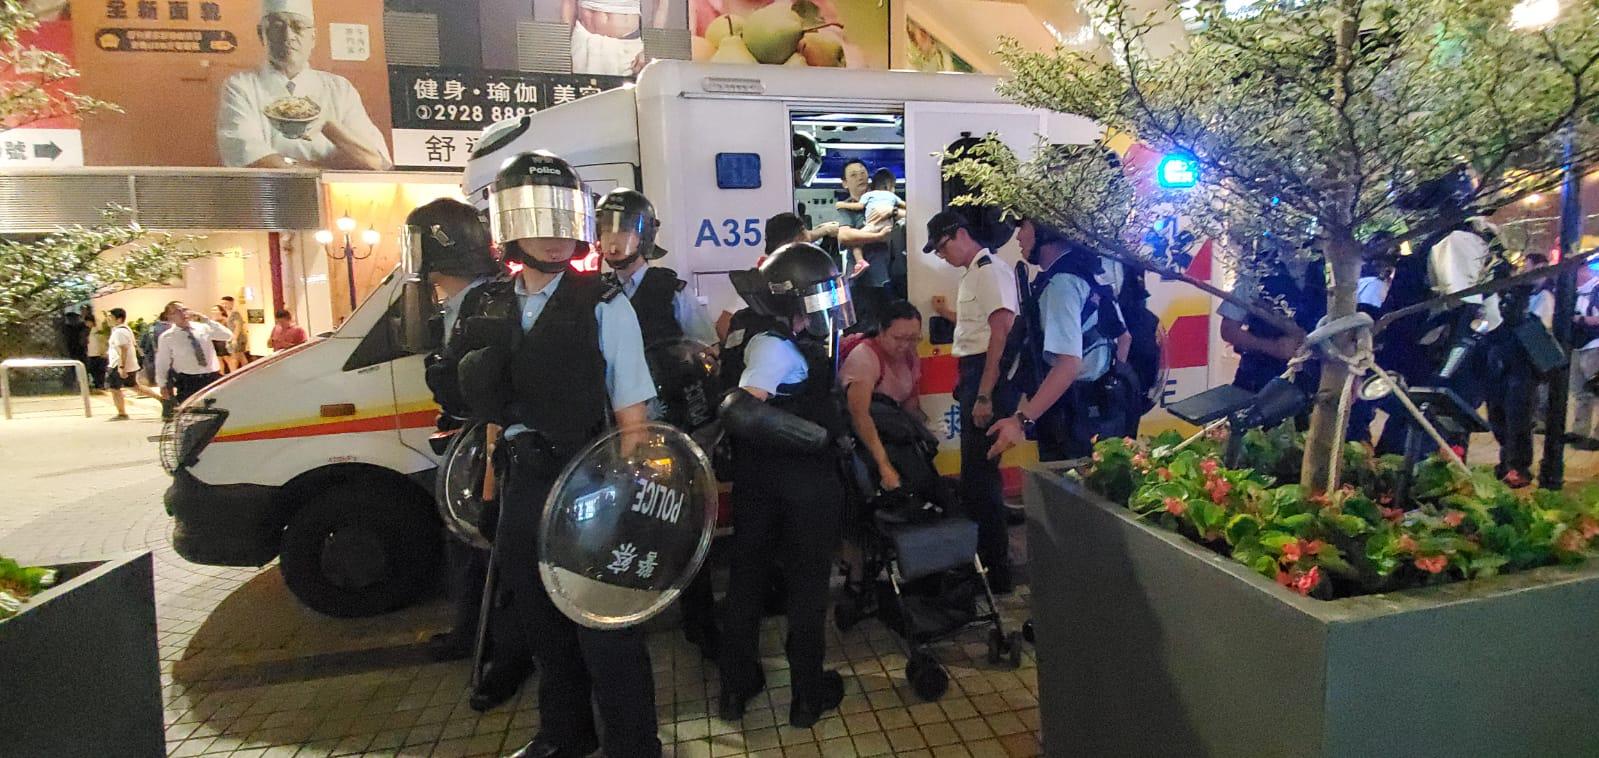 唱國歌男子及三名小童等人上救護車。徐裕民攝